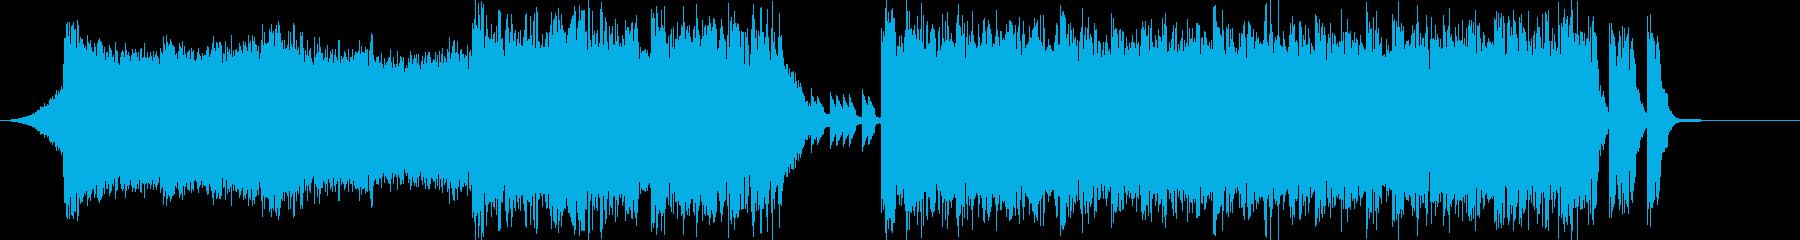 4つ打ちデジタルサウンドの入場SEの再生済みの波形